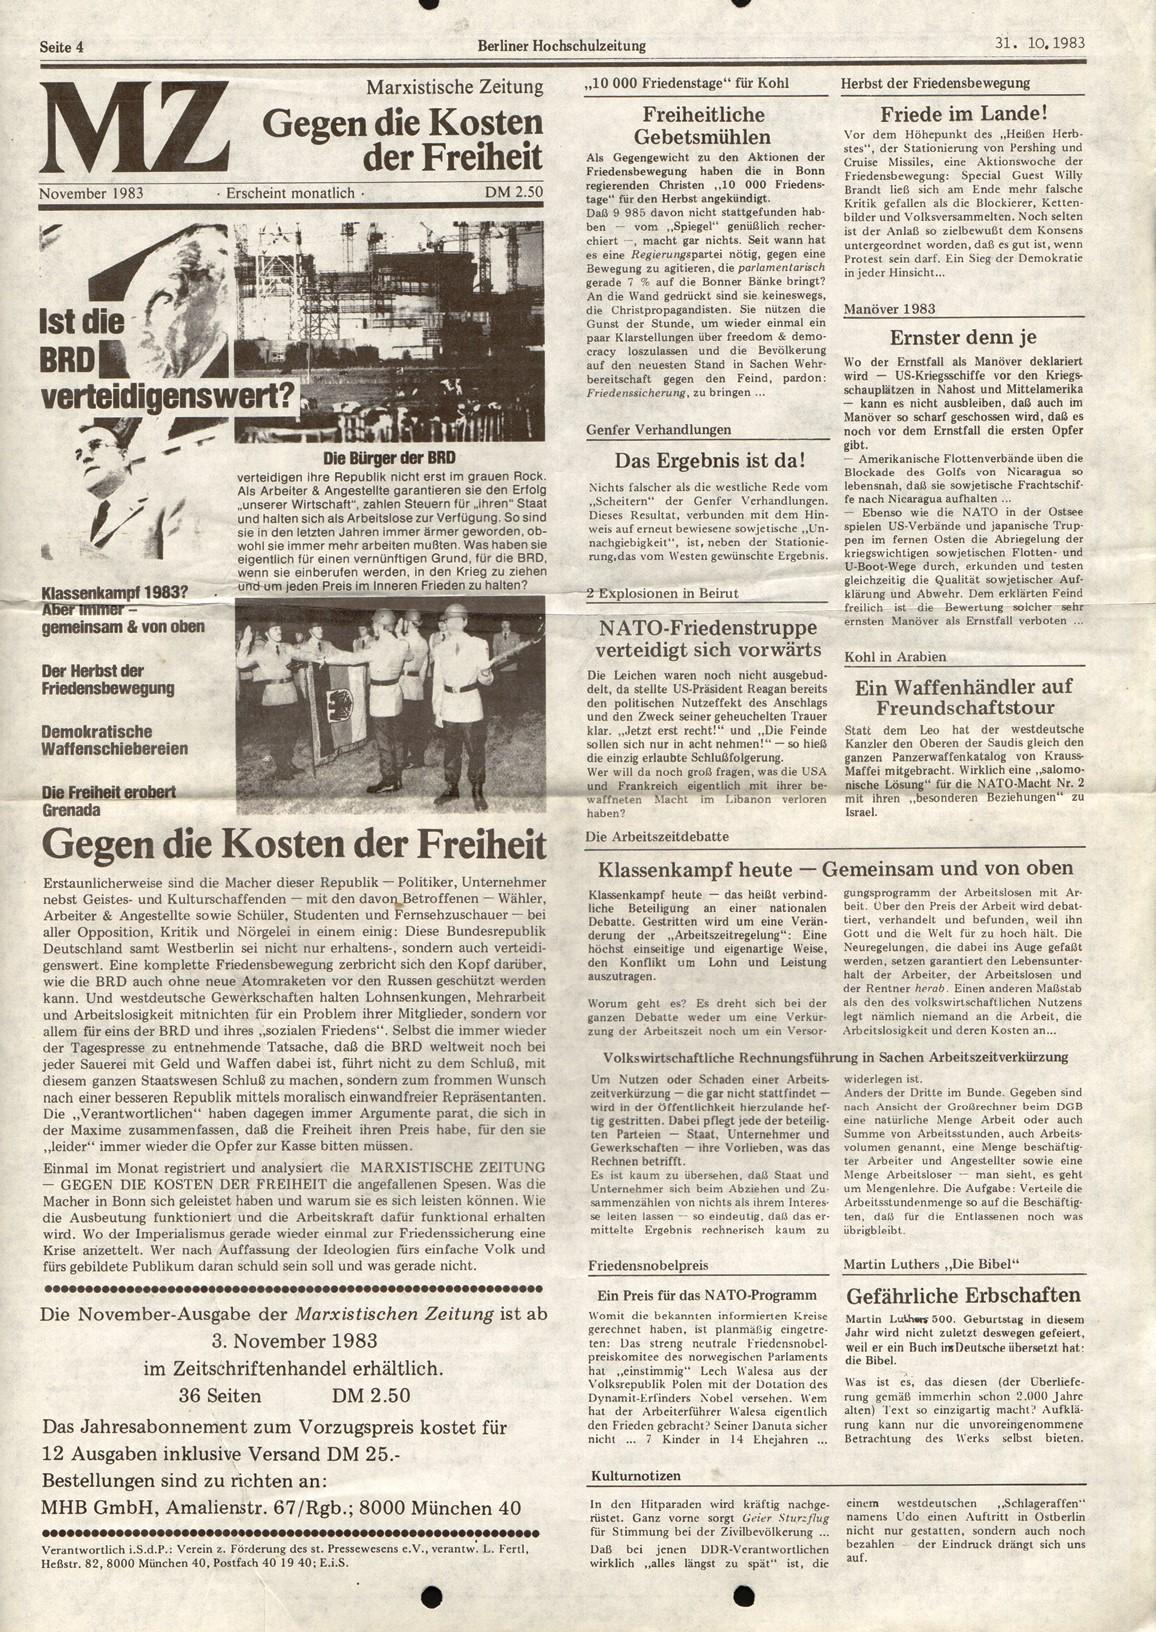 Berlin_MG_Hochschulzeitung_19831031_04